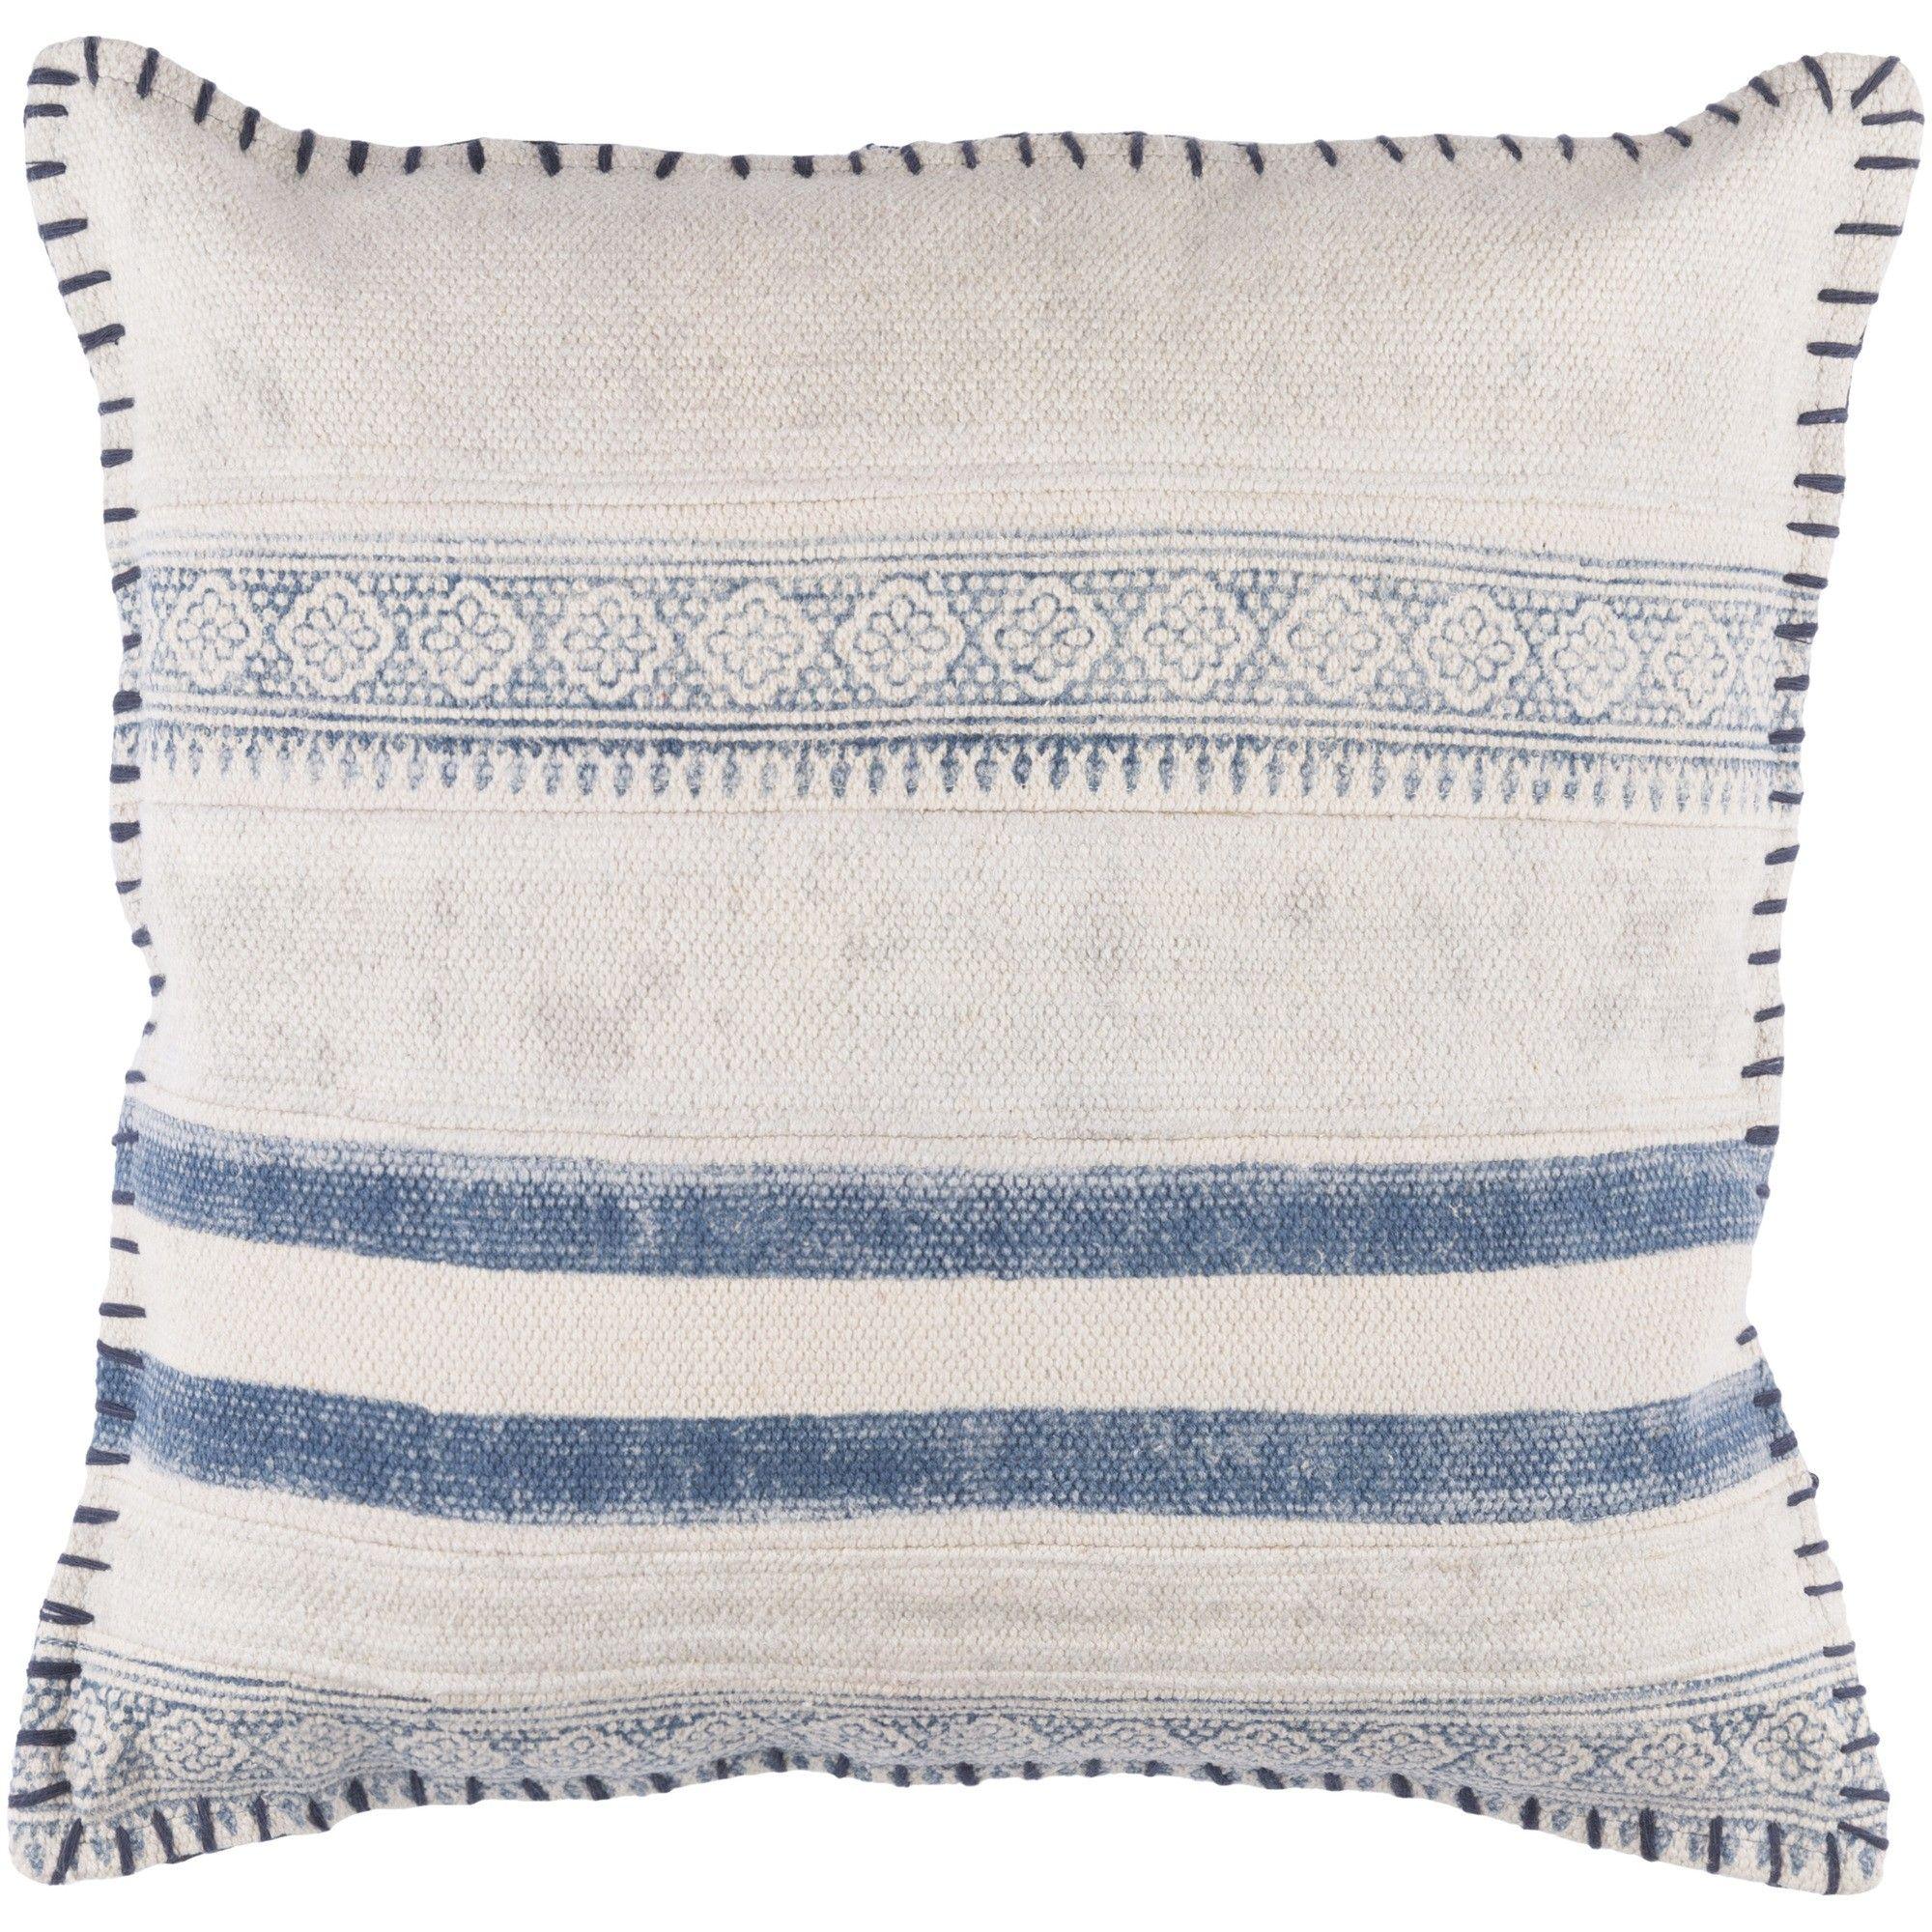 Lulu Amp Georgia Radde Pillow Denim Cabin Living Bed Pillows Throw Pillows